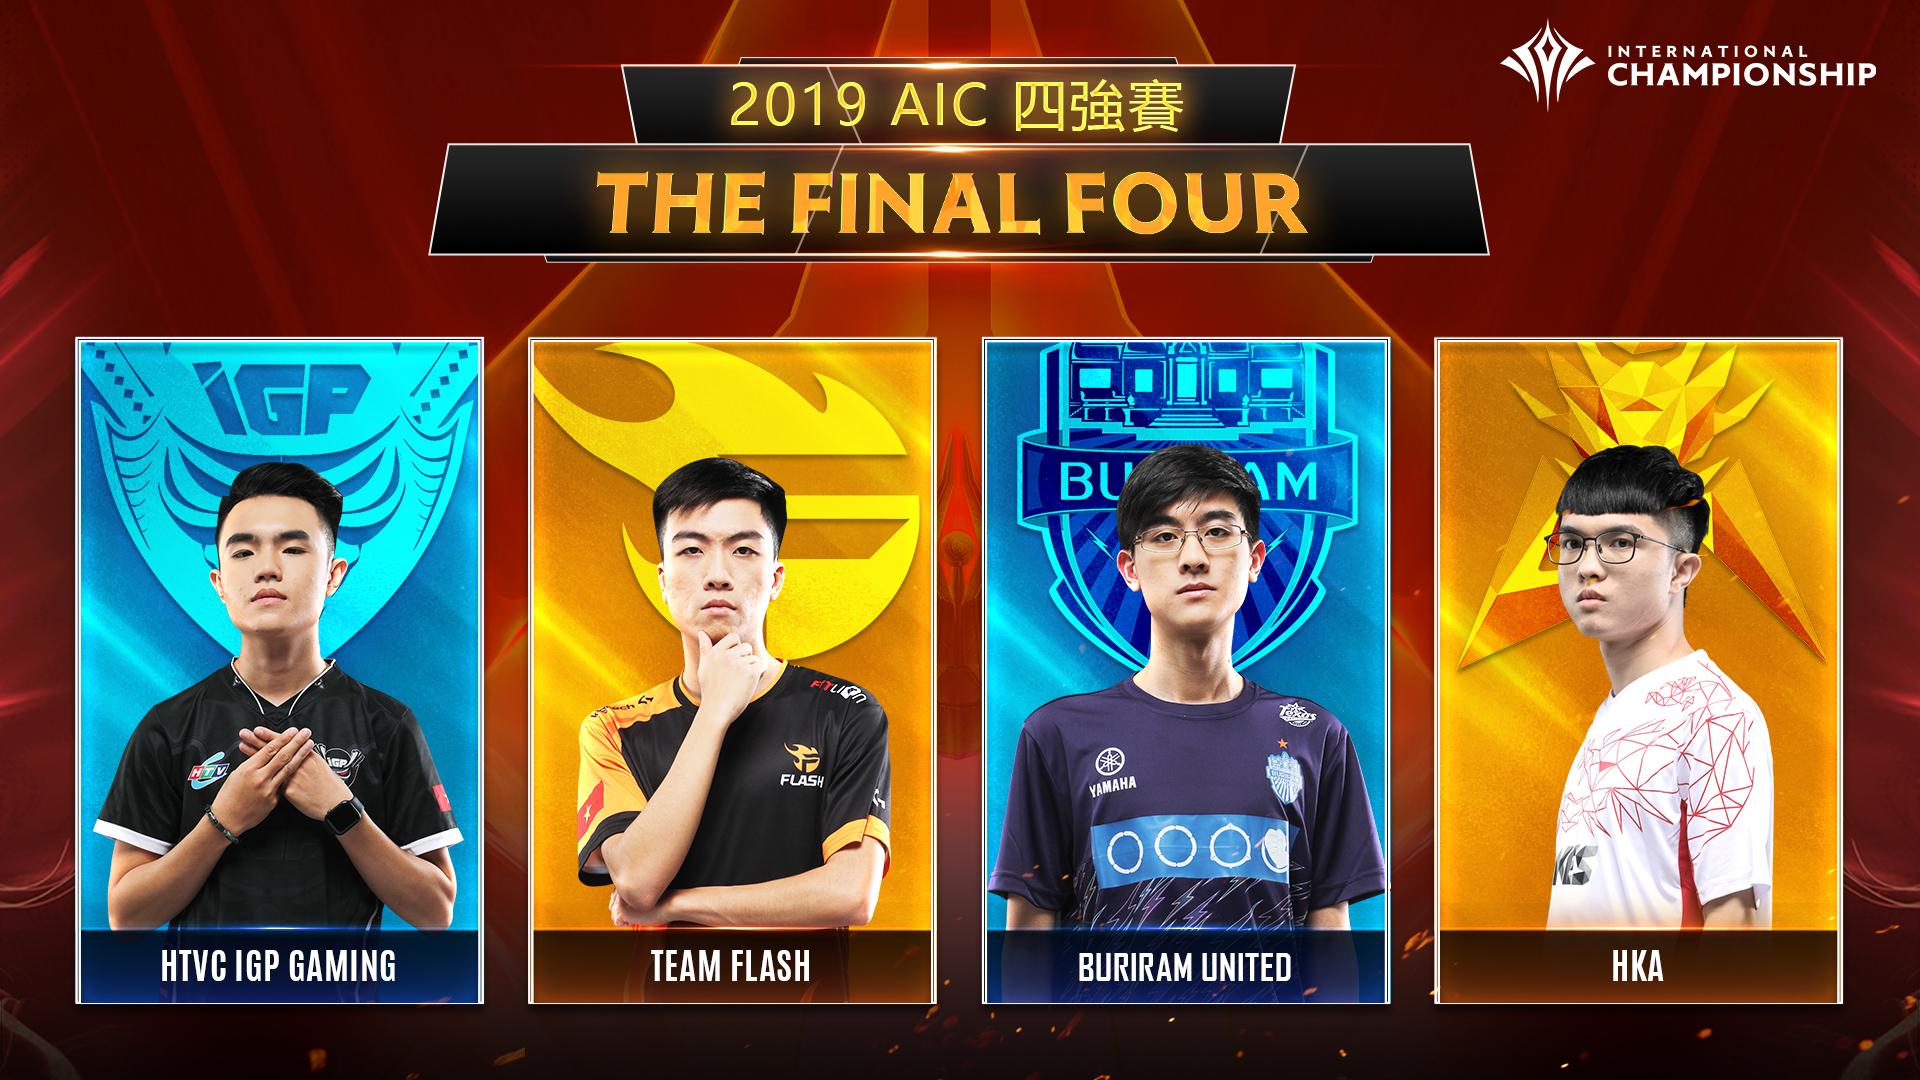 ▲【2019 AIC國際賽最終四強隊伍】